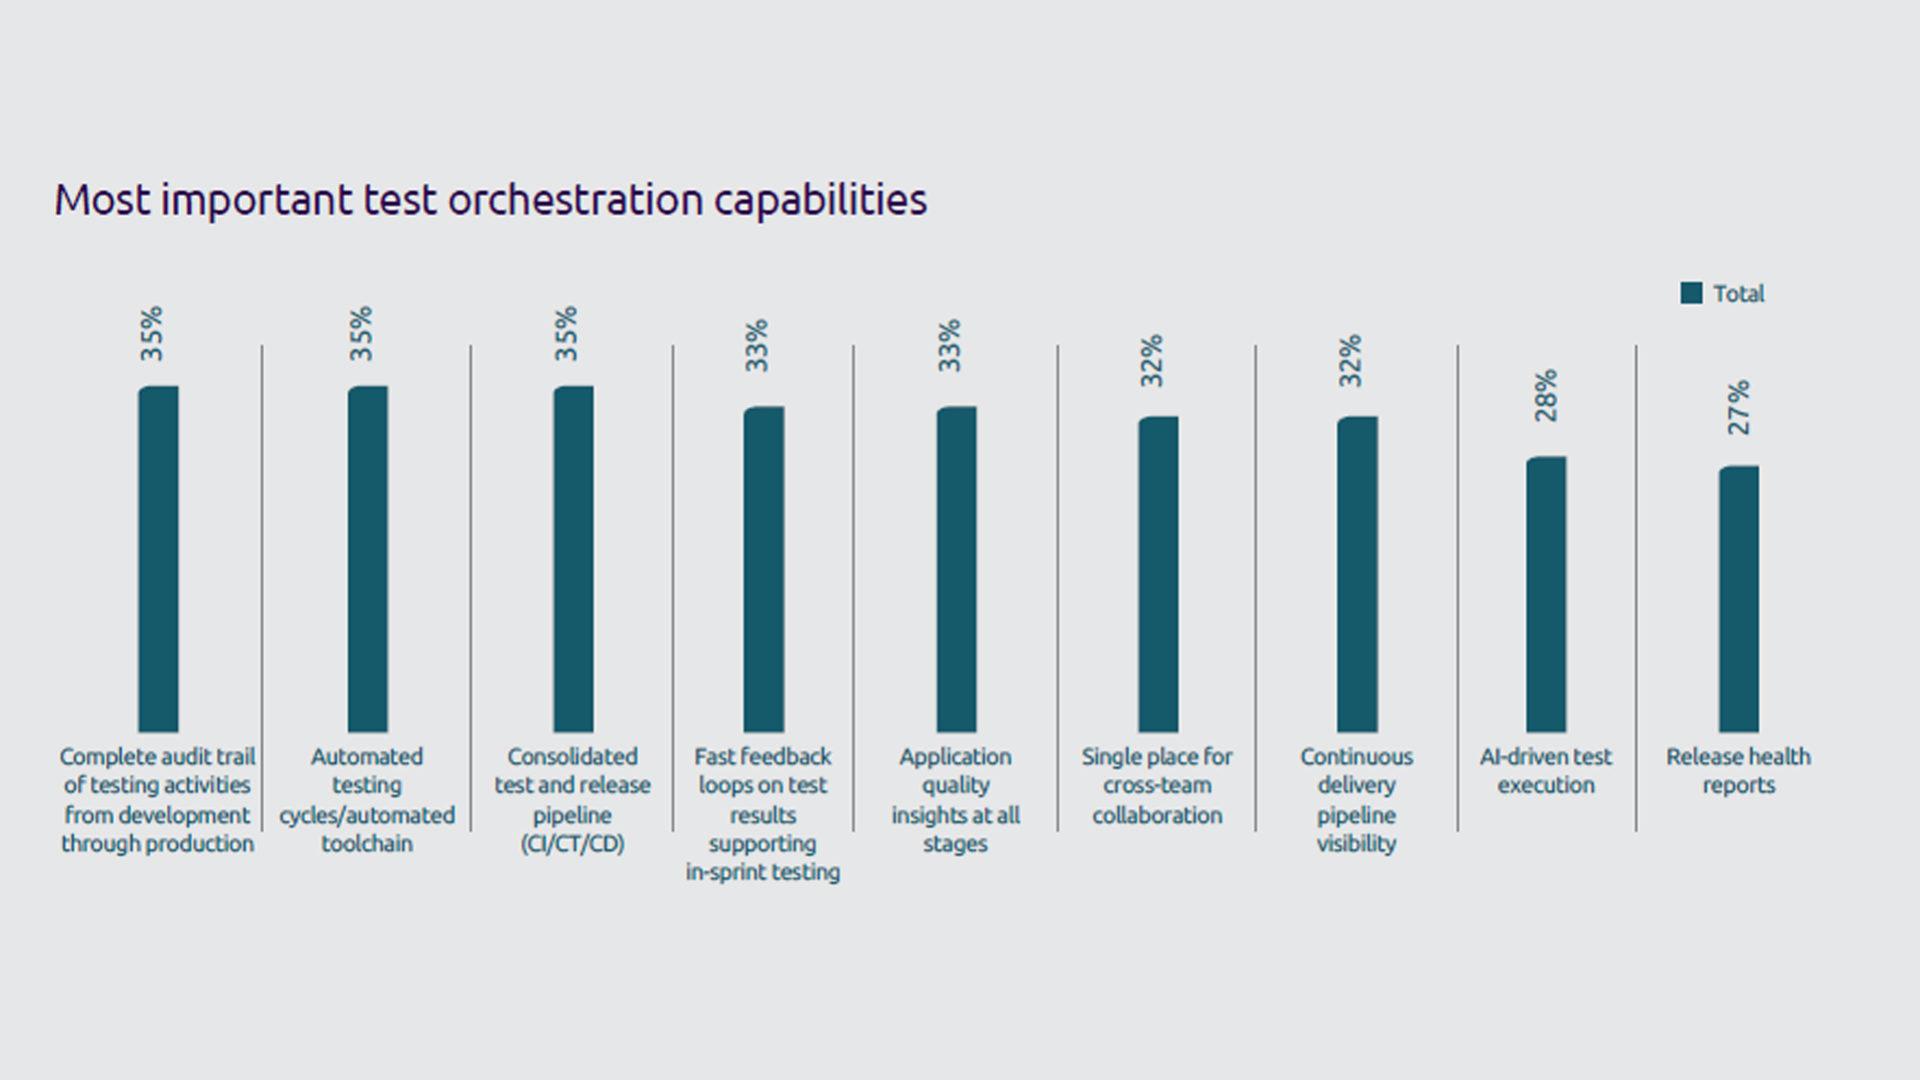 Figura 8 - Le più importanti funzionalità di test orchestration. Fonte: Continuous Testing Report 2019 - Capgemini